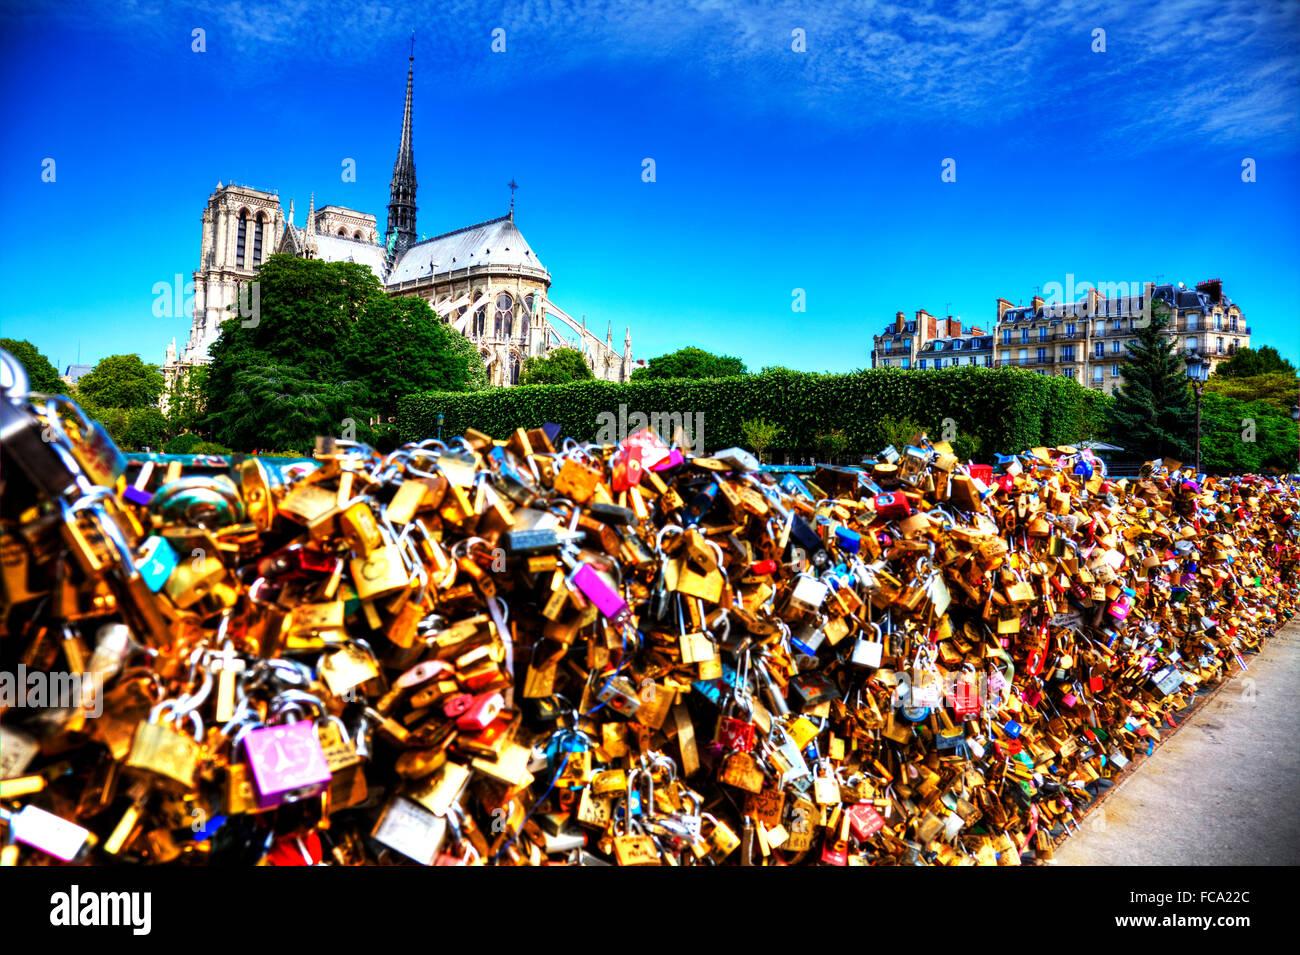 Notre Dame de Paris cathedral Pont de l'Archevêché L'Archeveche love locks padlocks bridge Paris - Stock Image